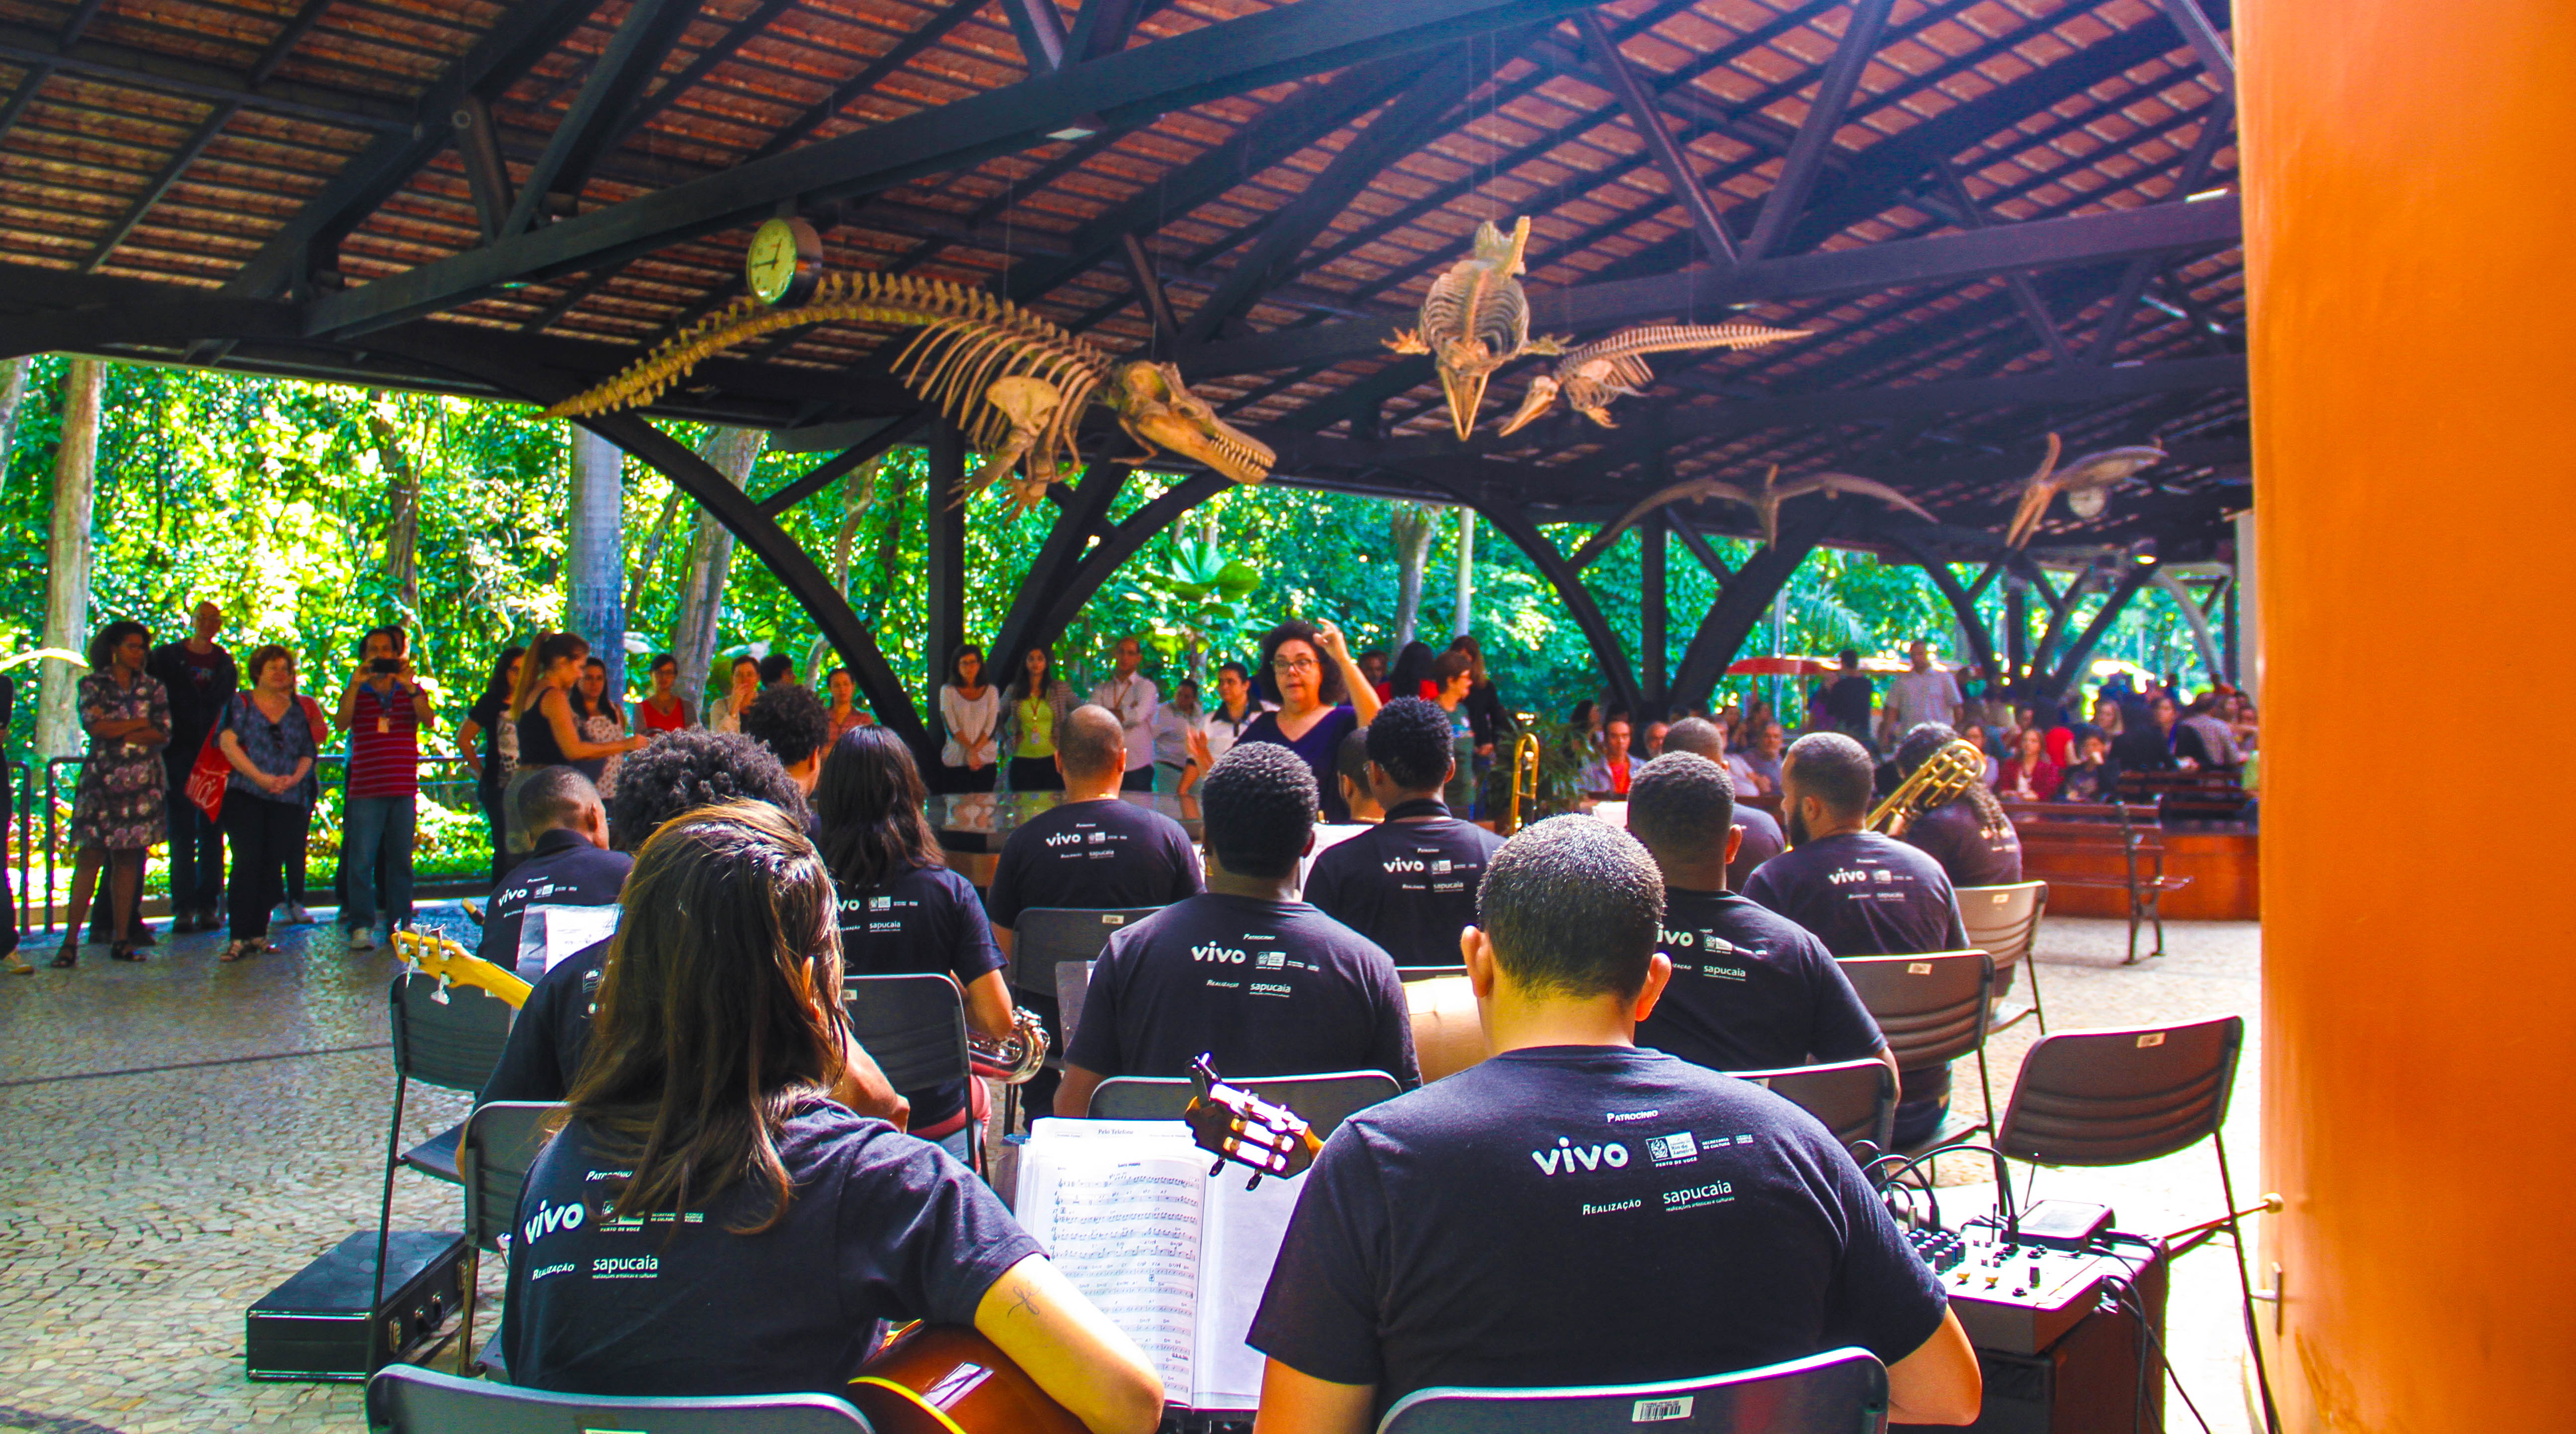 Concerto Tuhu Fiocruz-2